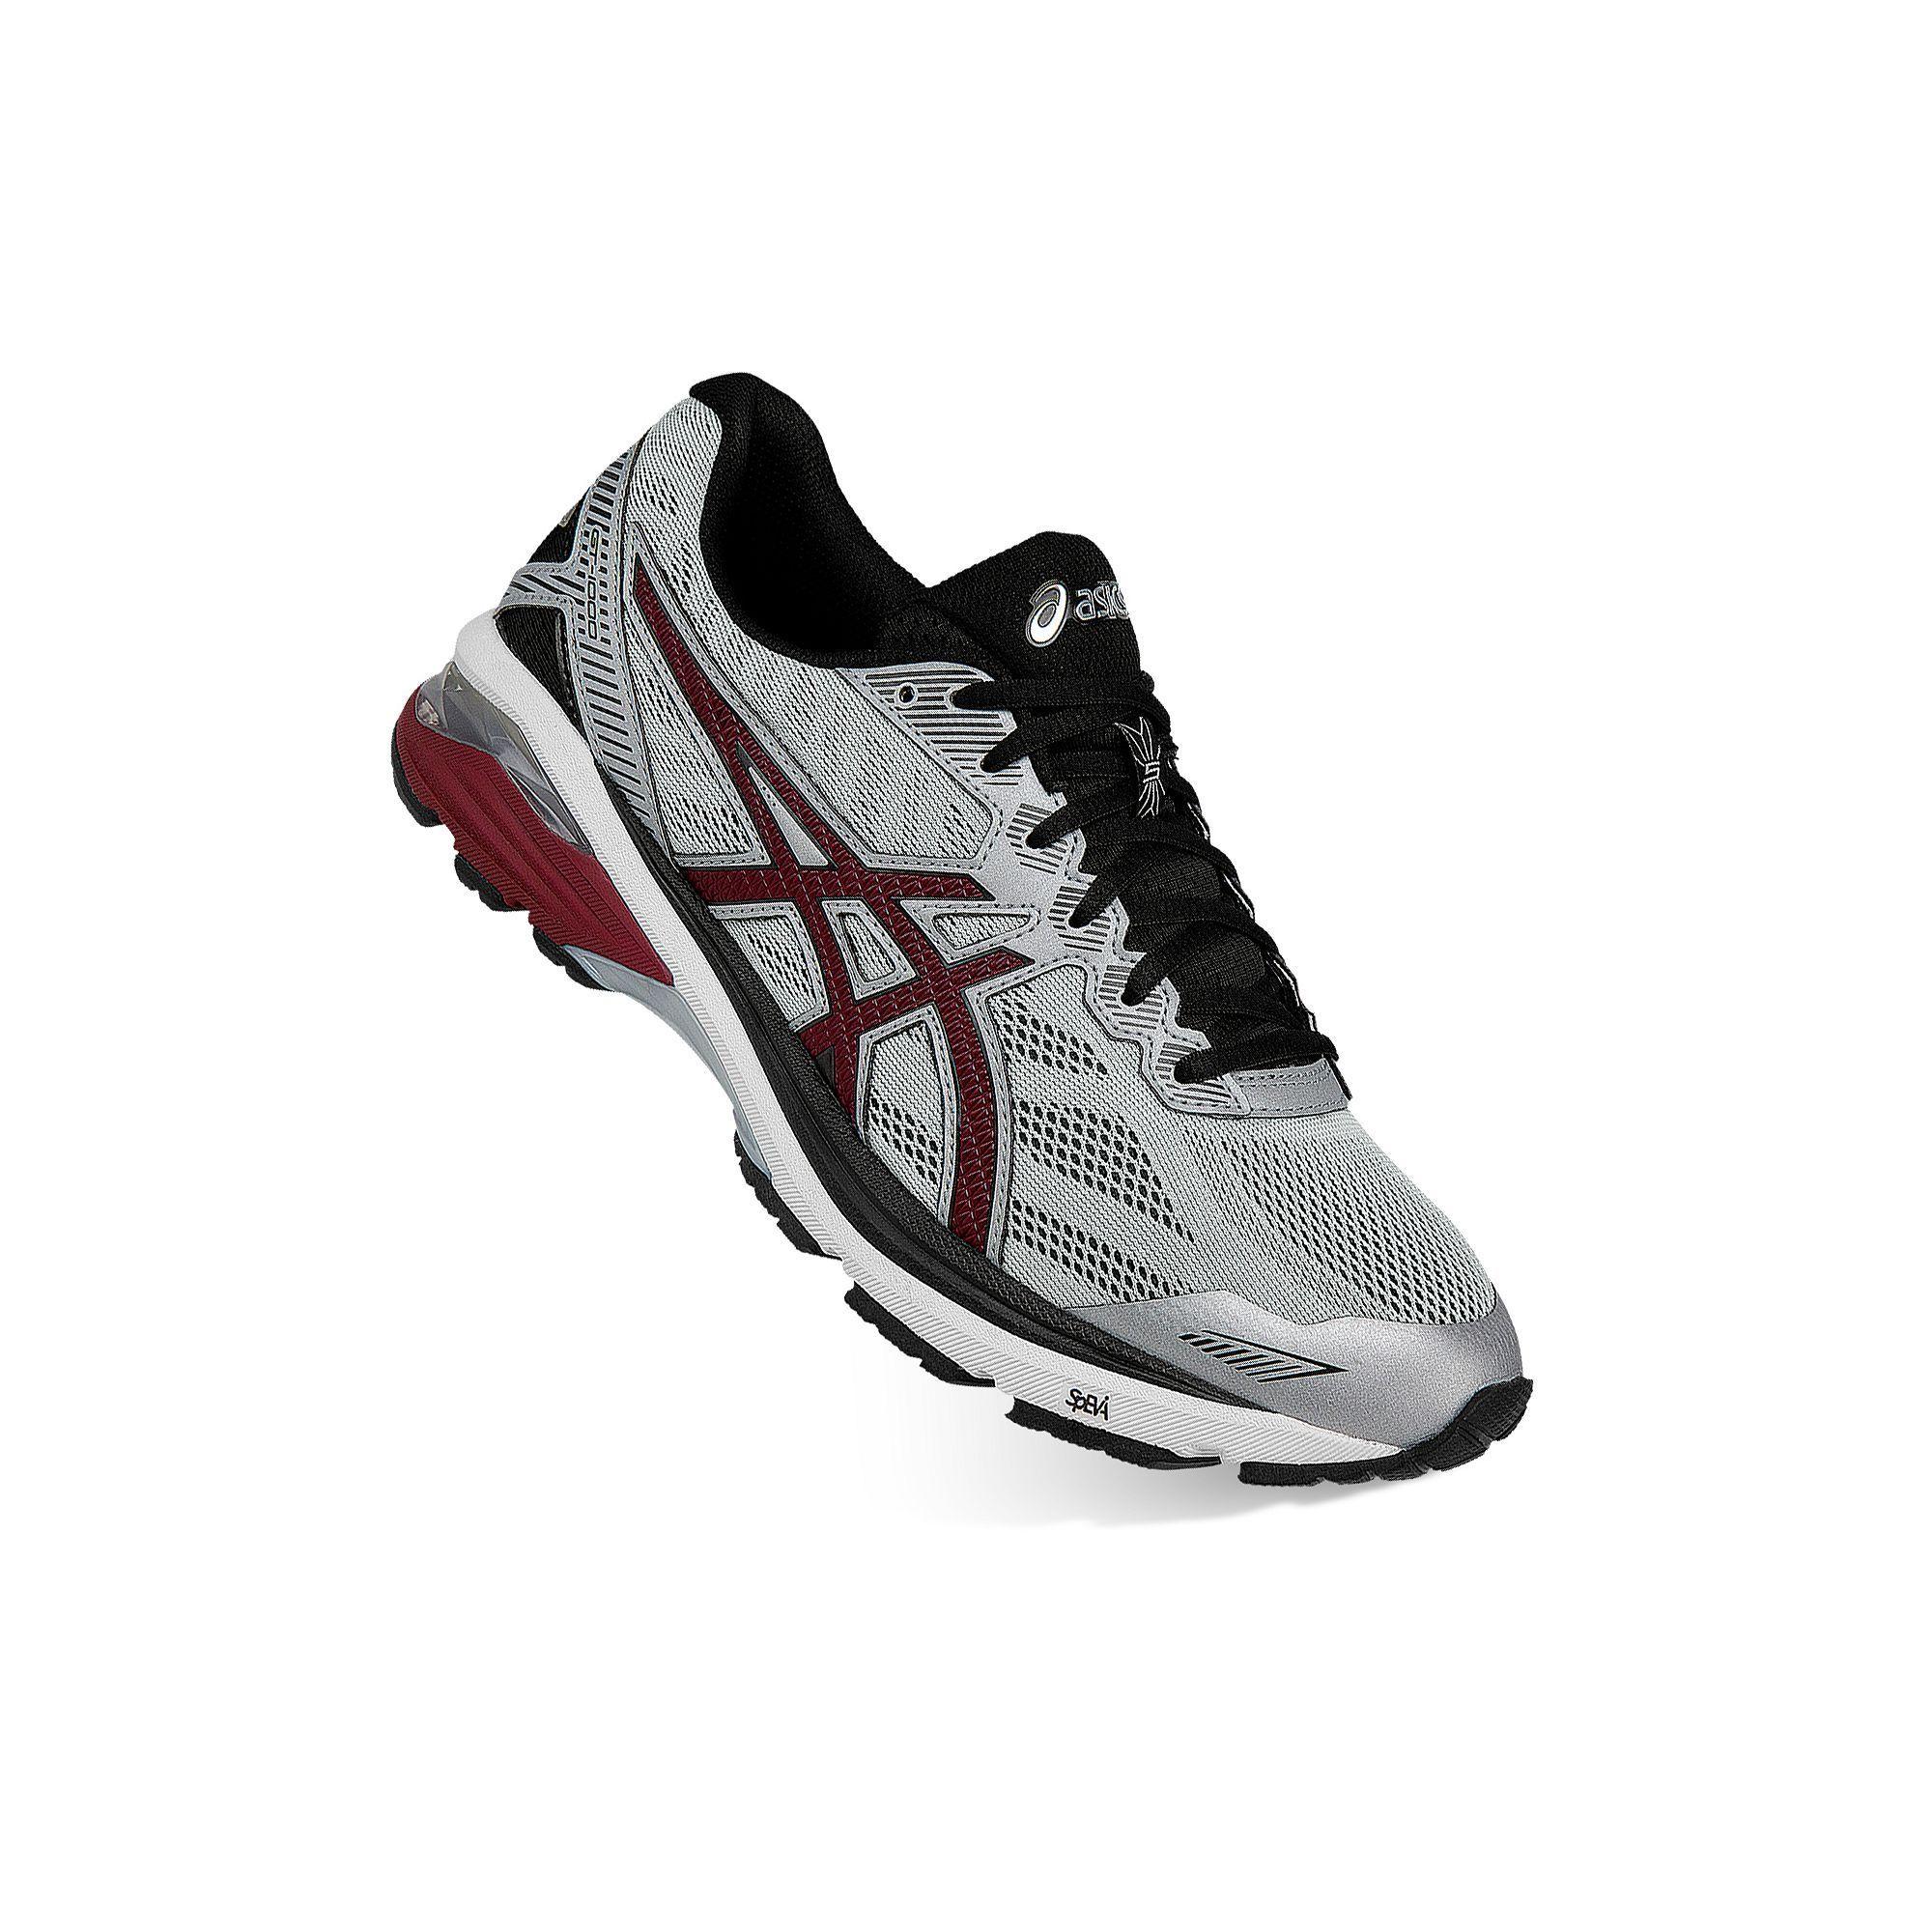 ASICS GT-1000 5 Men s Running Shoes b7d0239e1a96